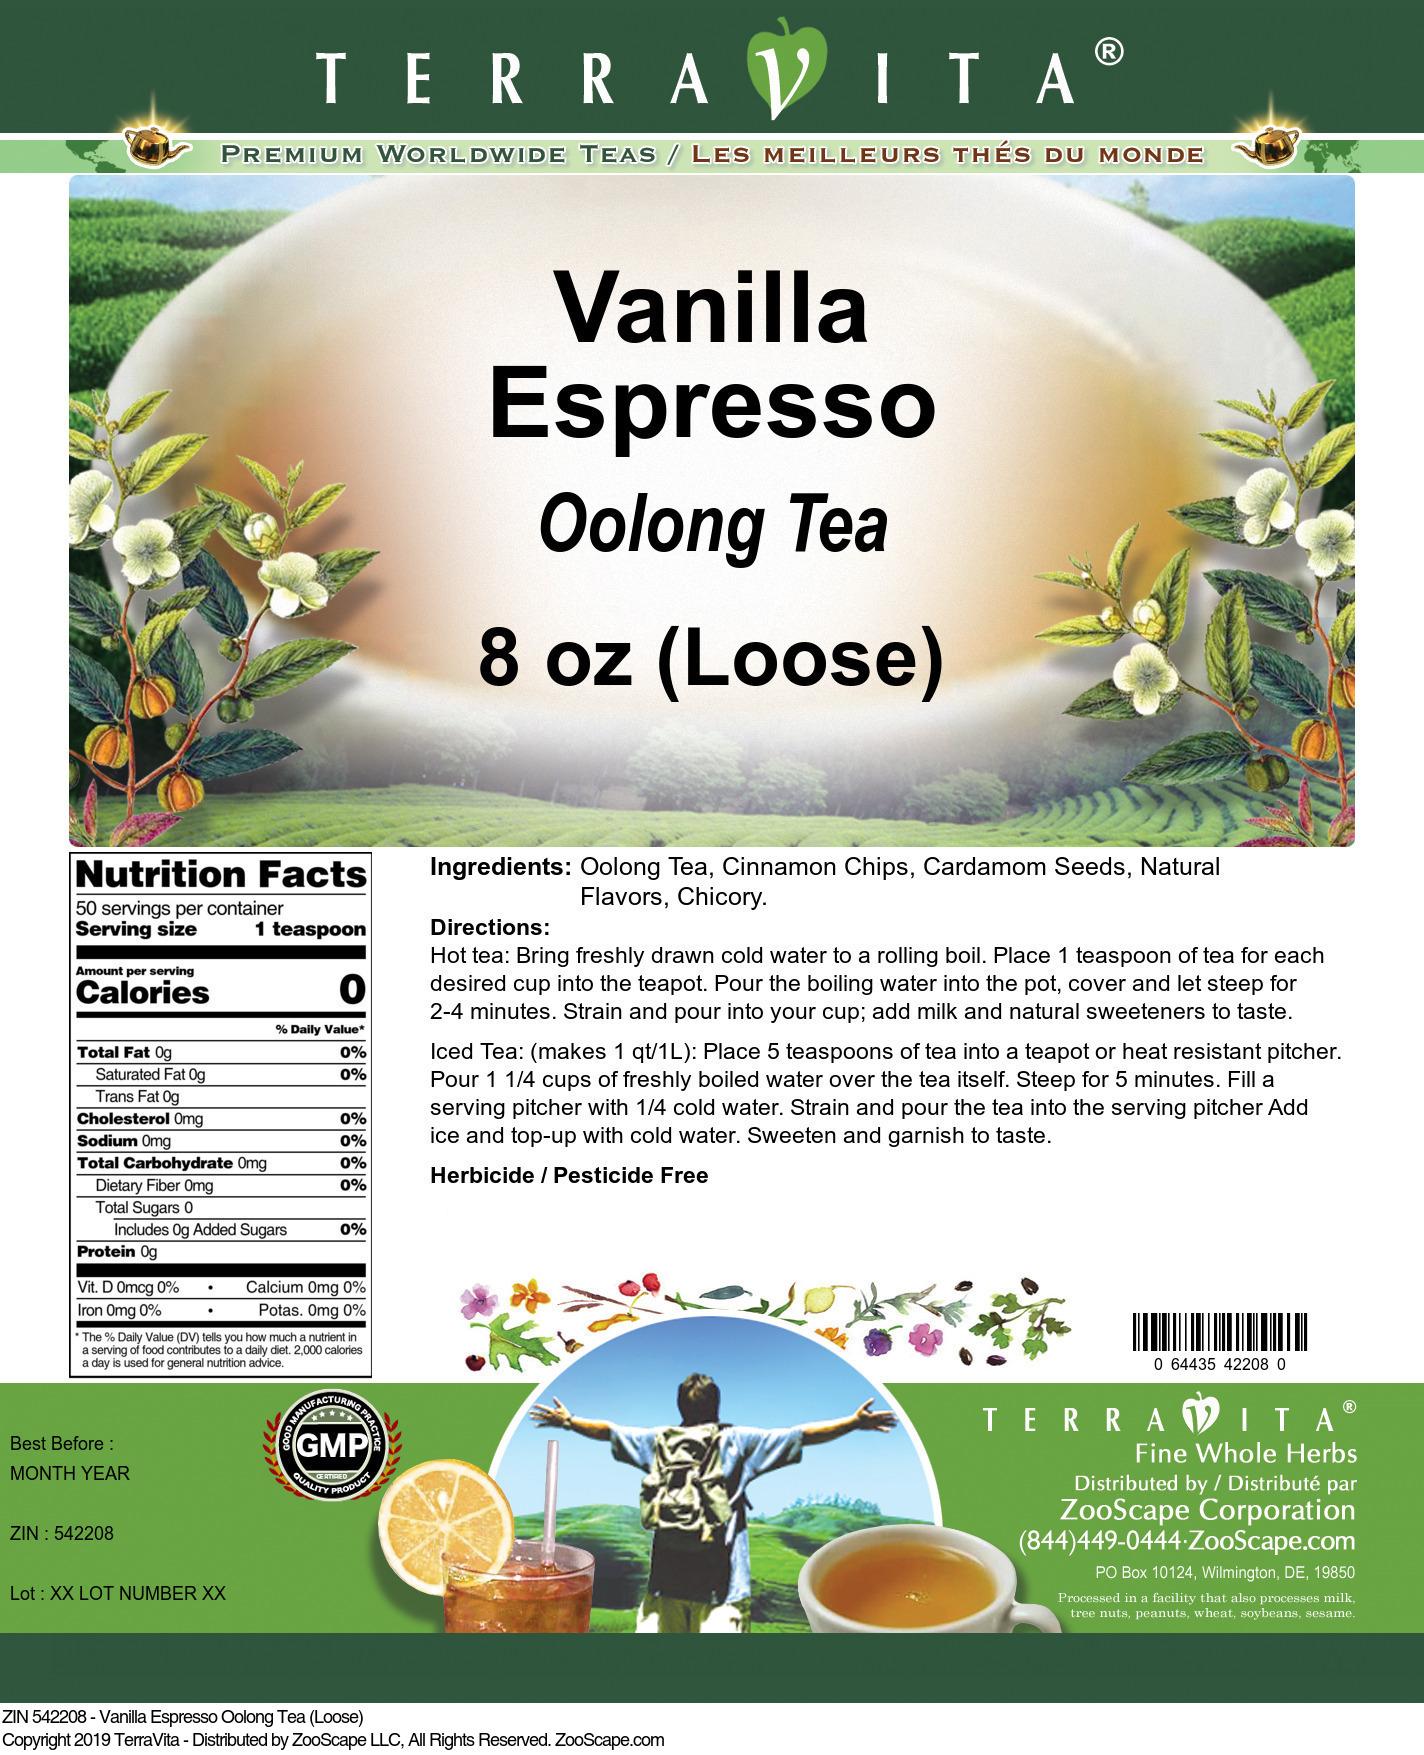 Vanilla Espresso Oolong Tea (Loose)